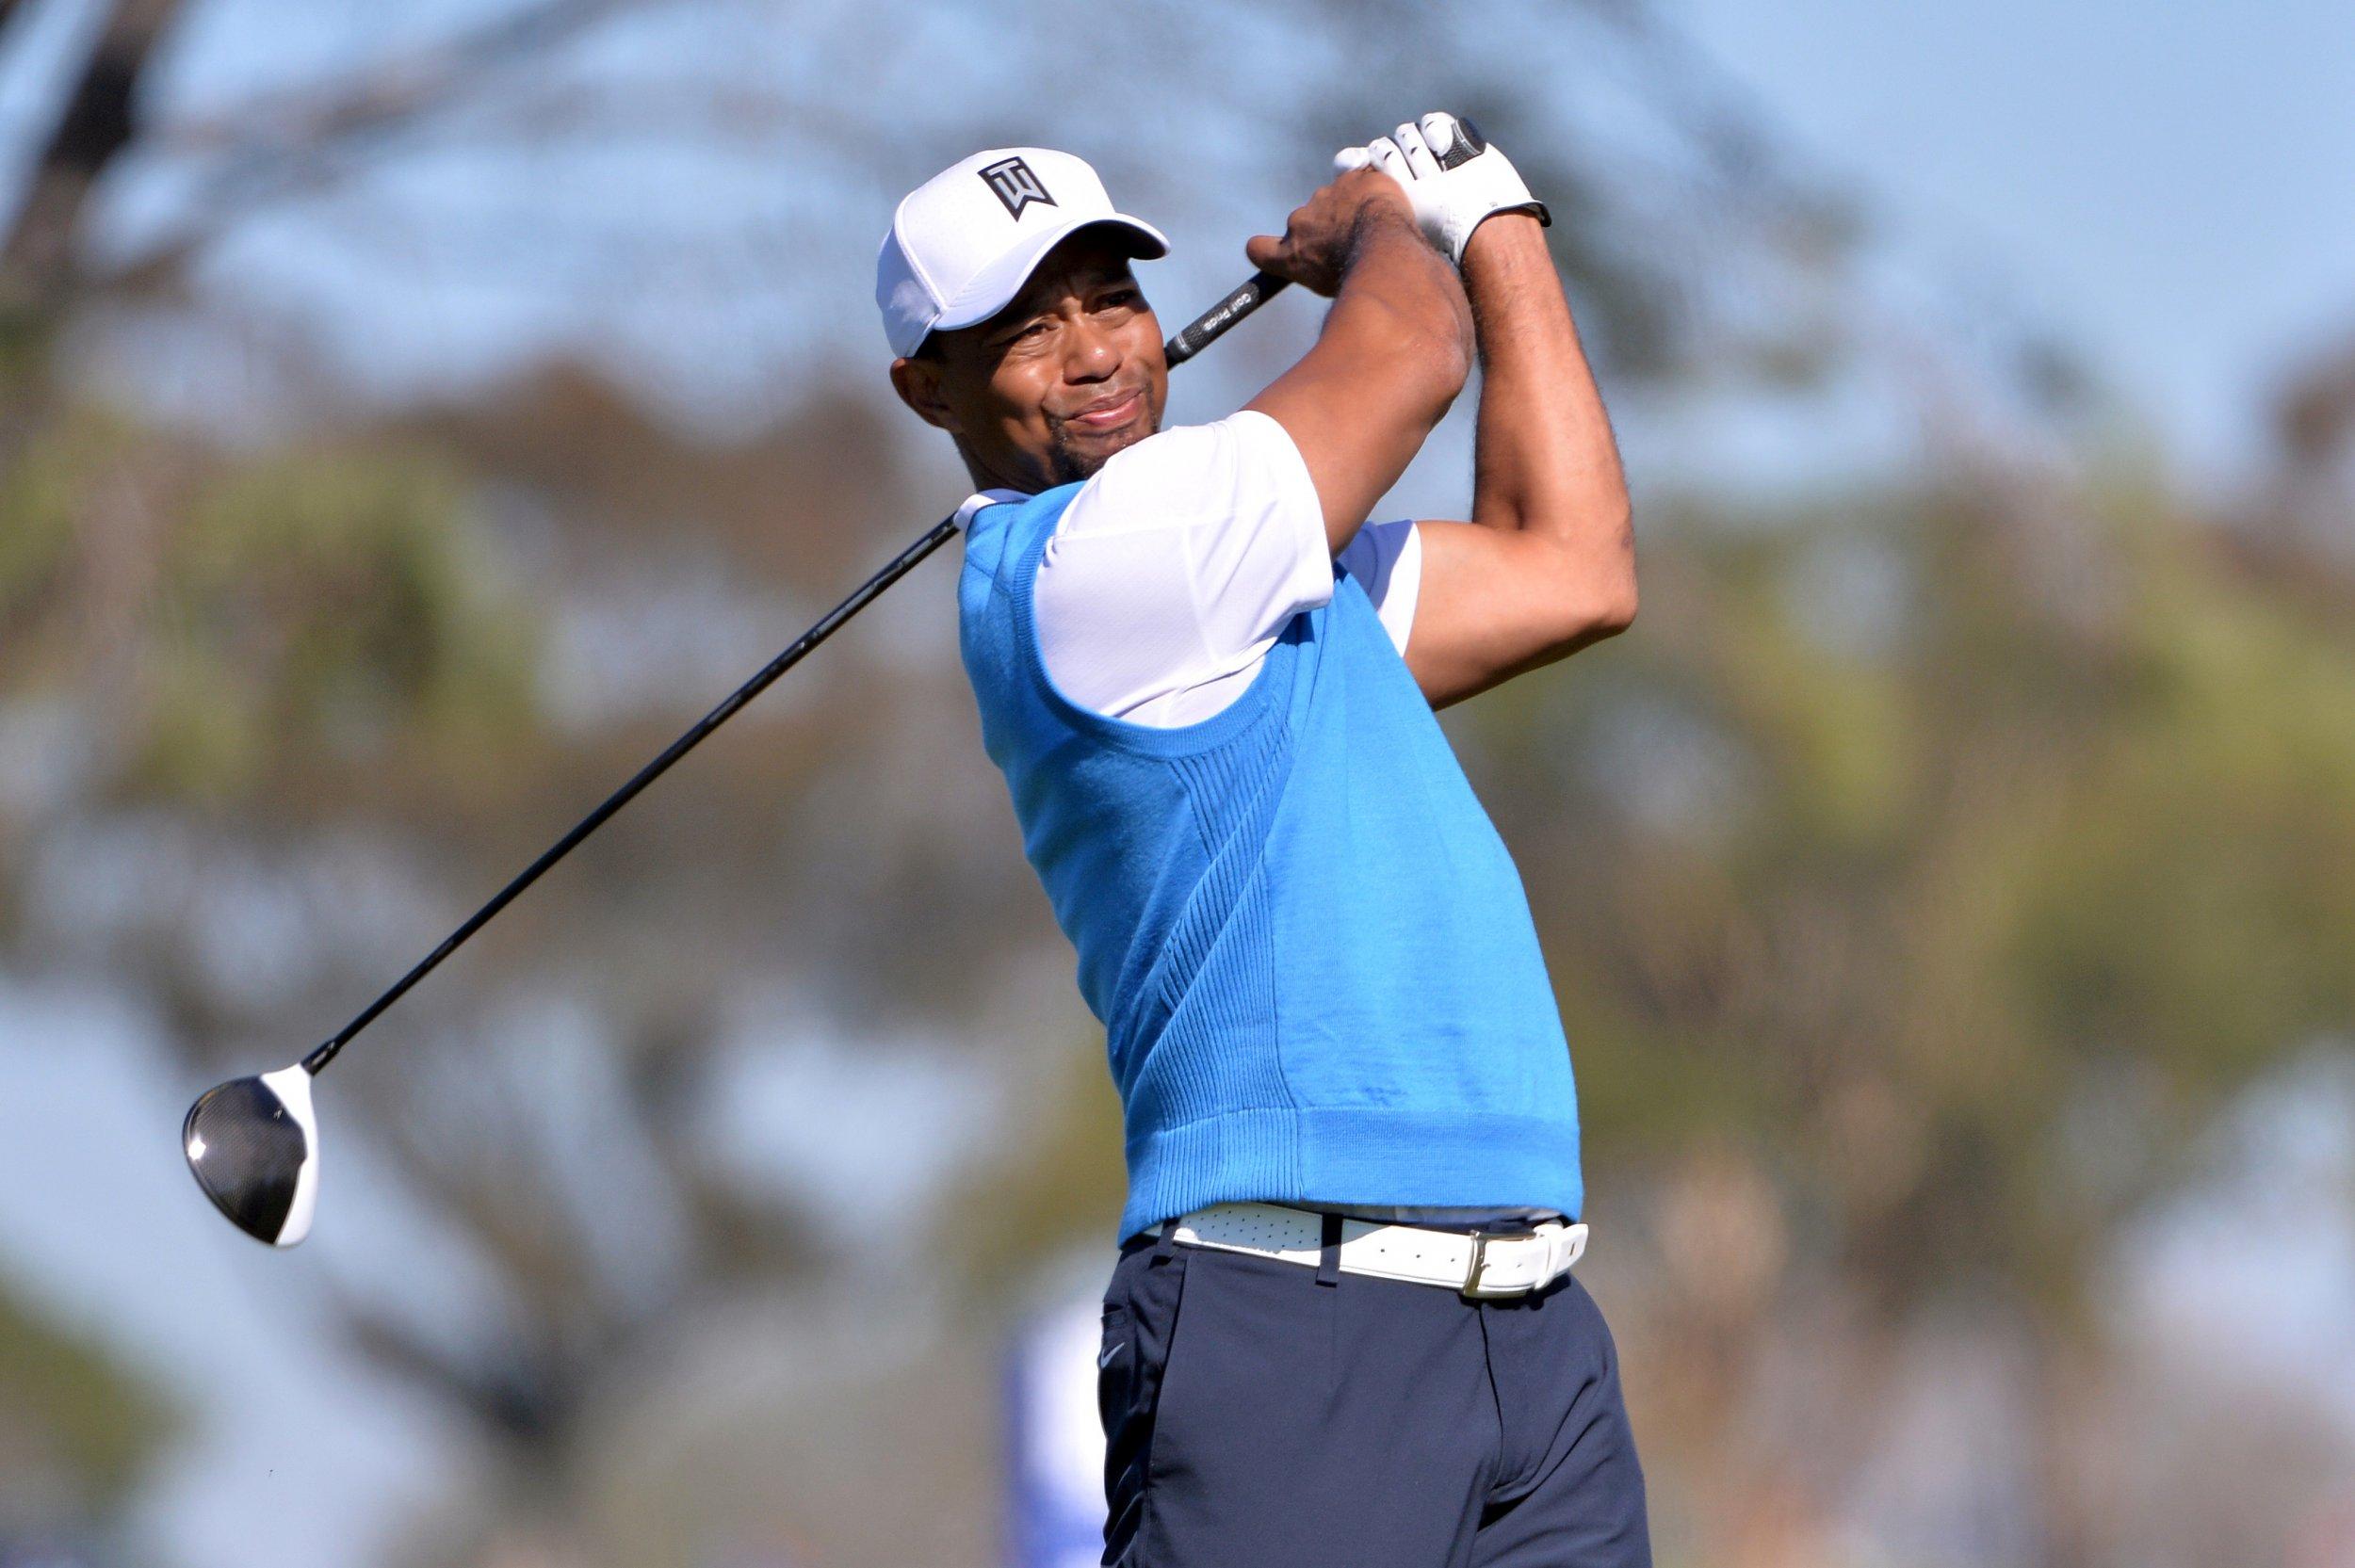 Former world number one golfer Tiger Woods.